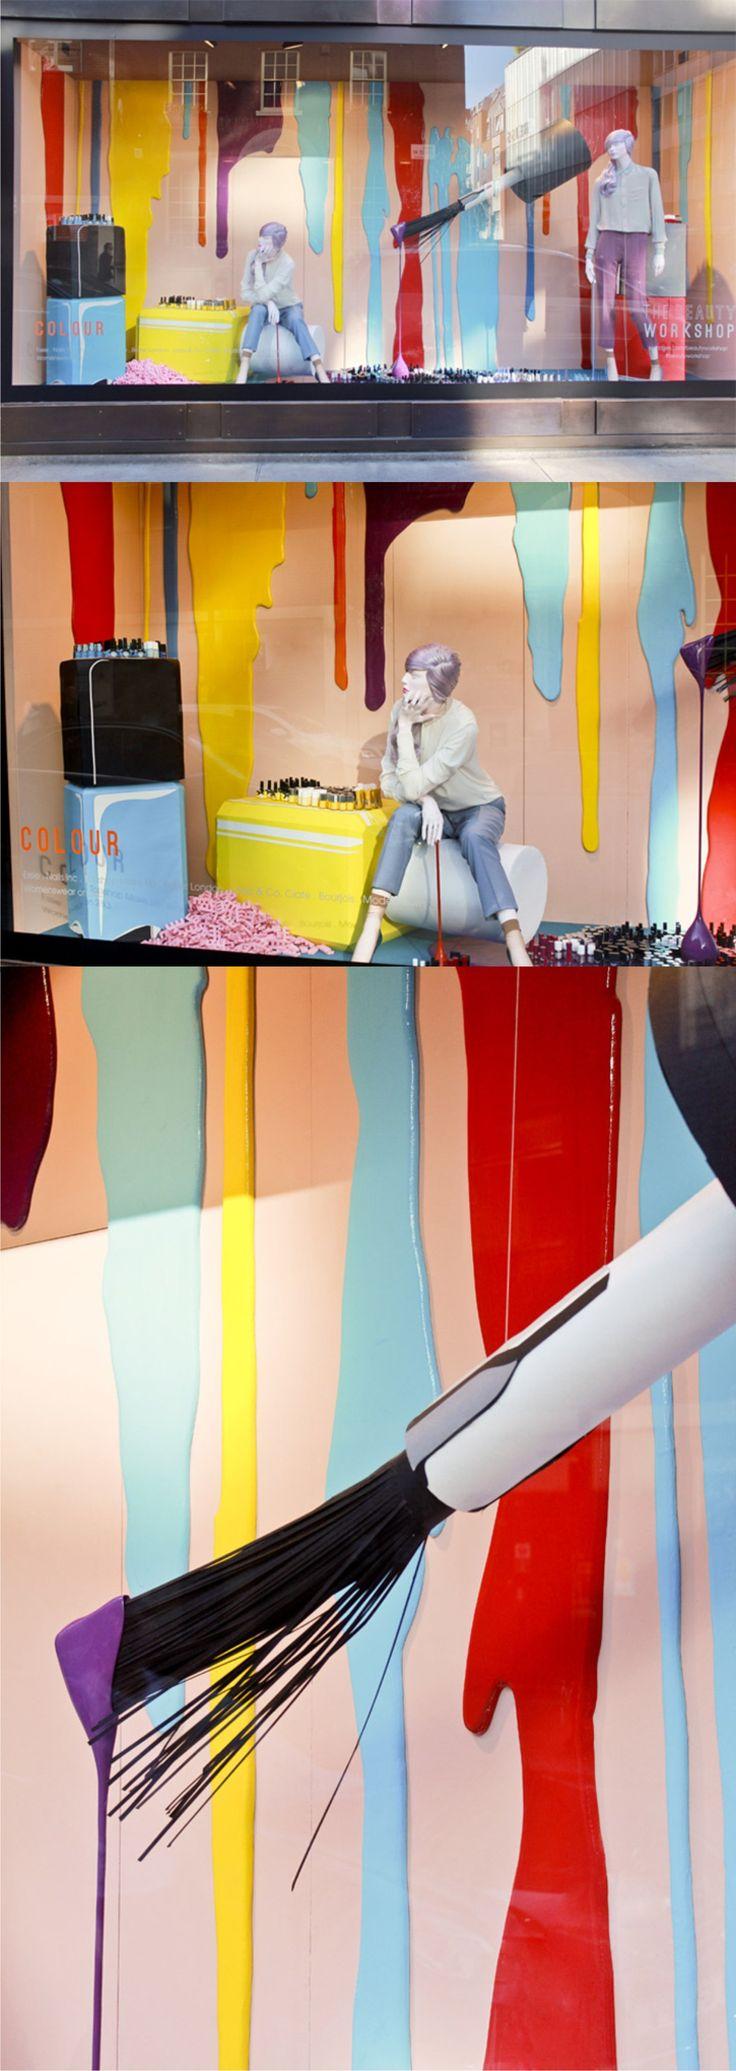 Selfridges Beauty Workshop windows by Studio XAG, London